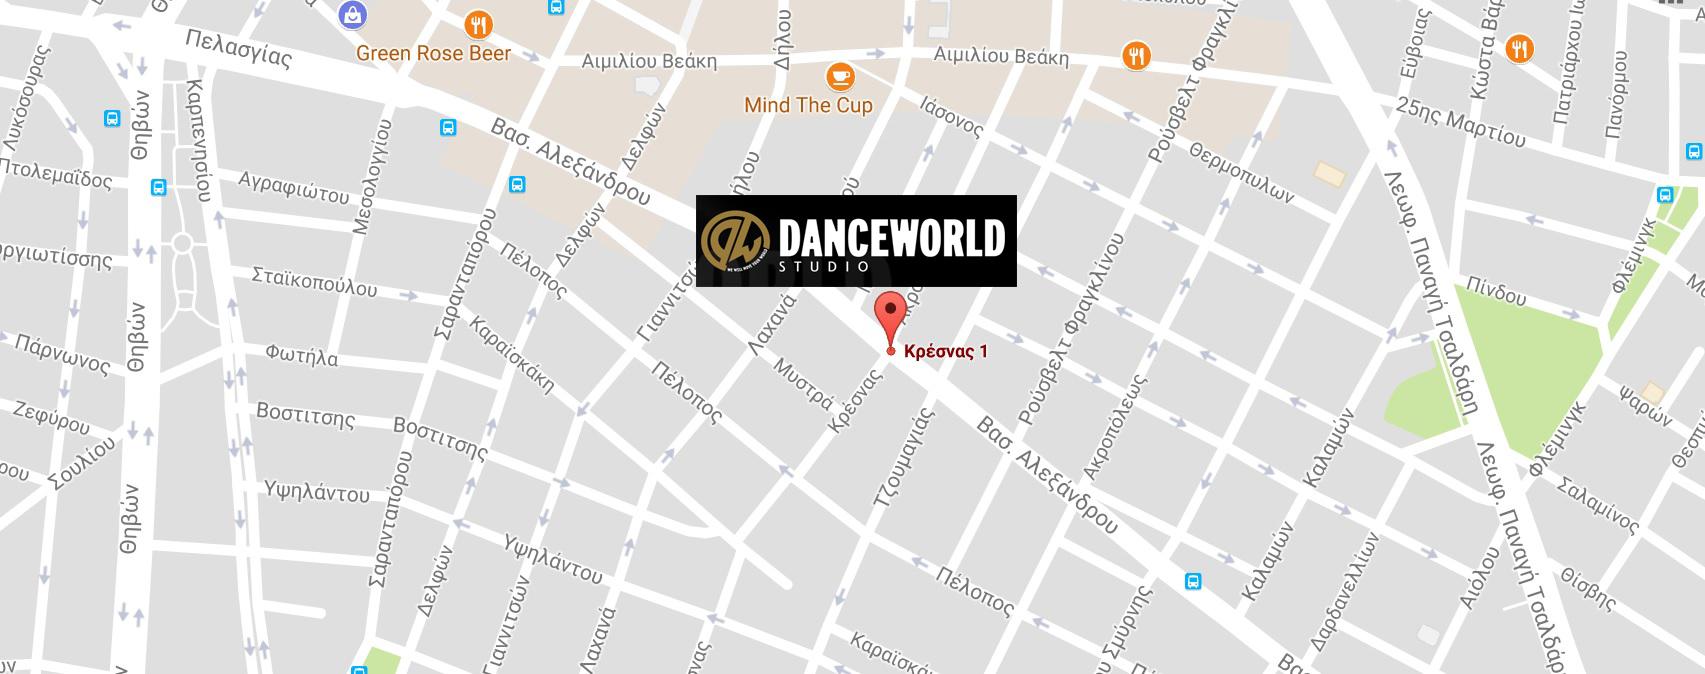 Danceworld Περιστέρι